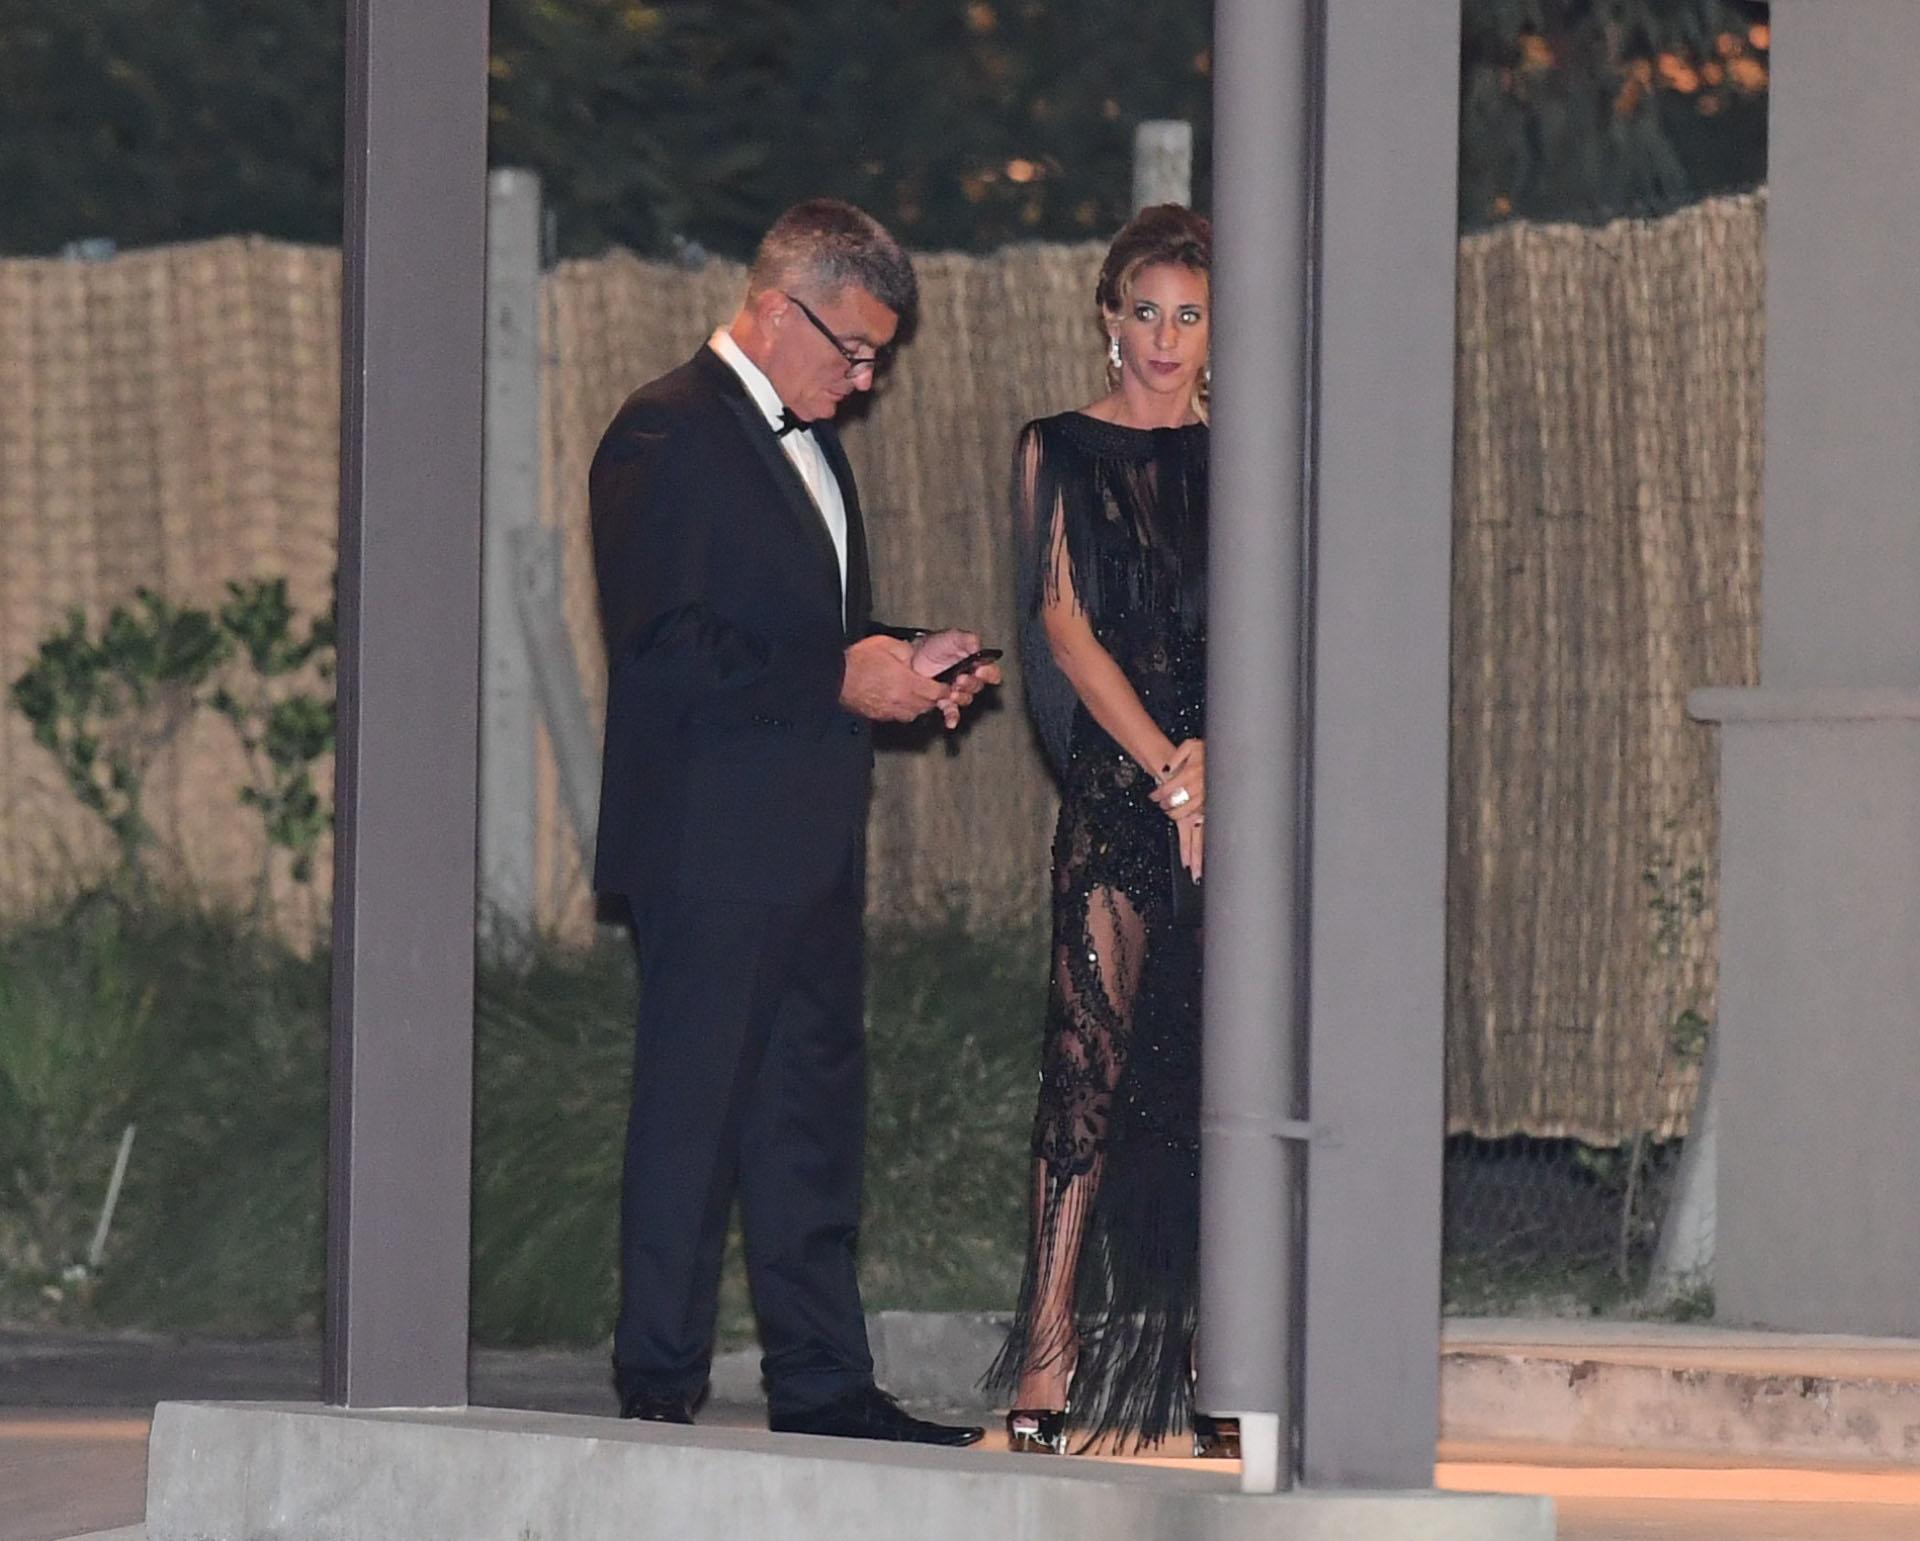 Como estaba prohibido el uso de celulares, muchos aprovecharon antes de ingresar para chequear sus teléfonos (Maxi Luna)